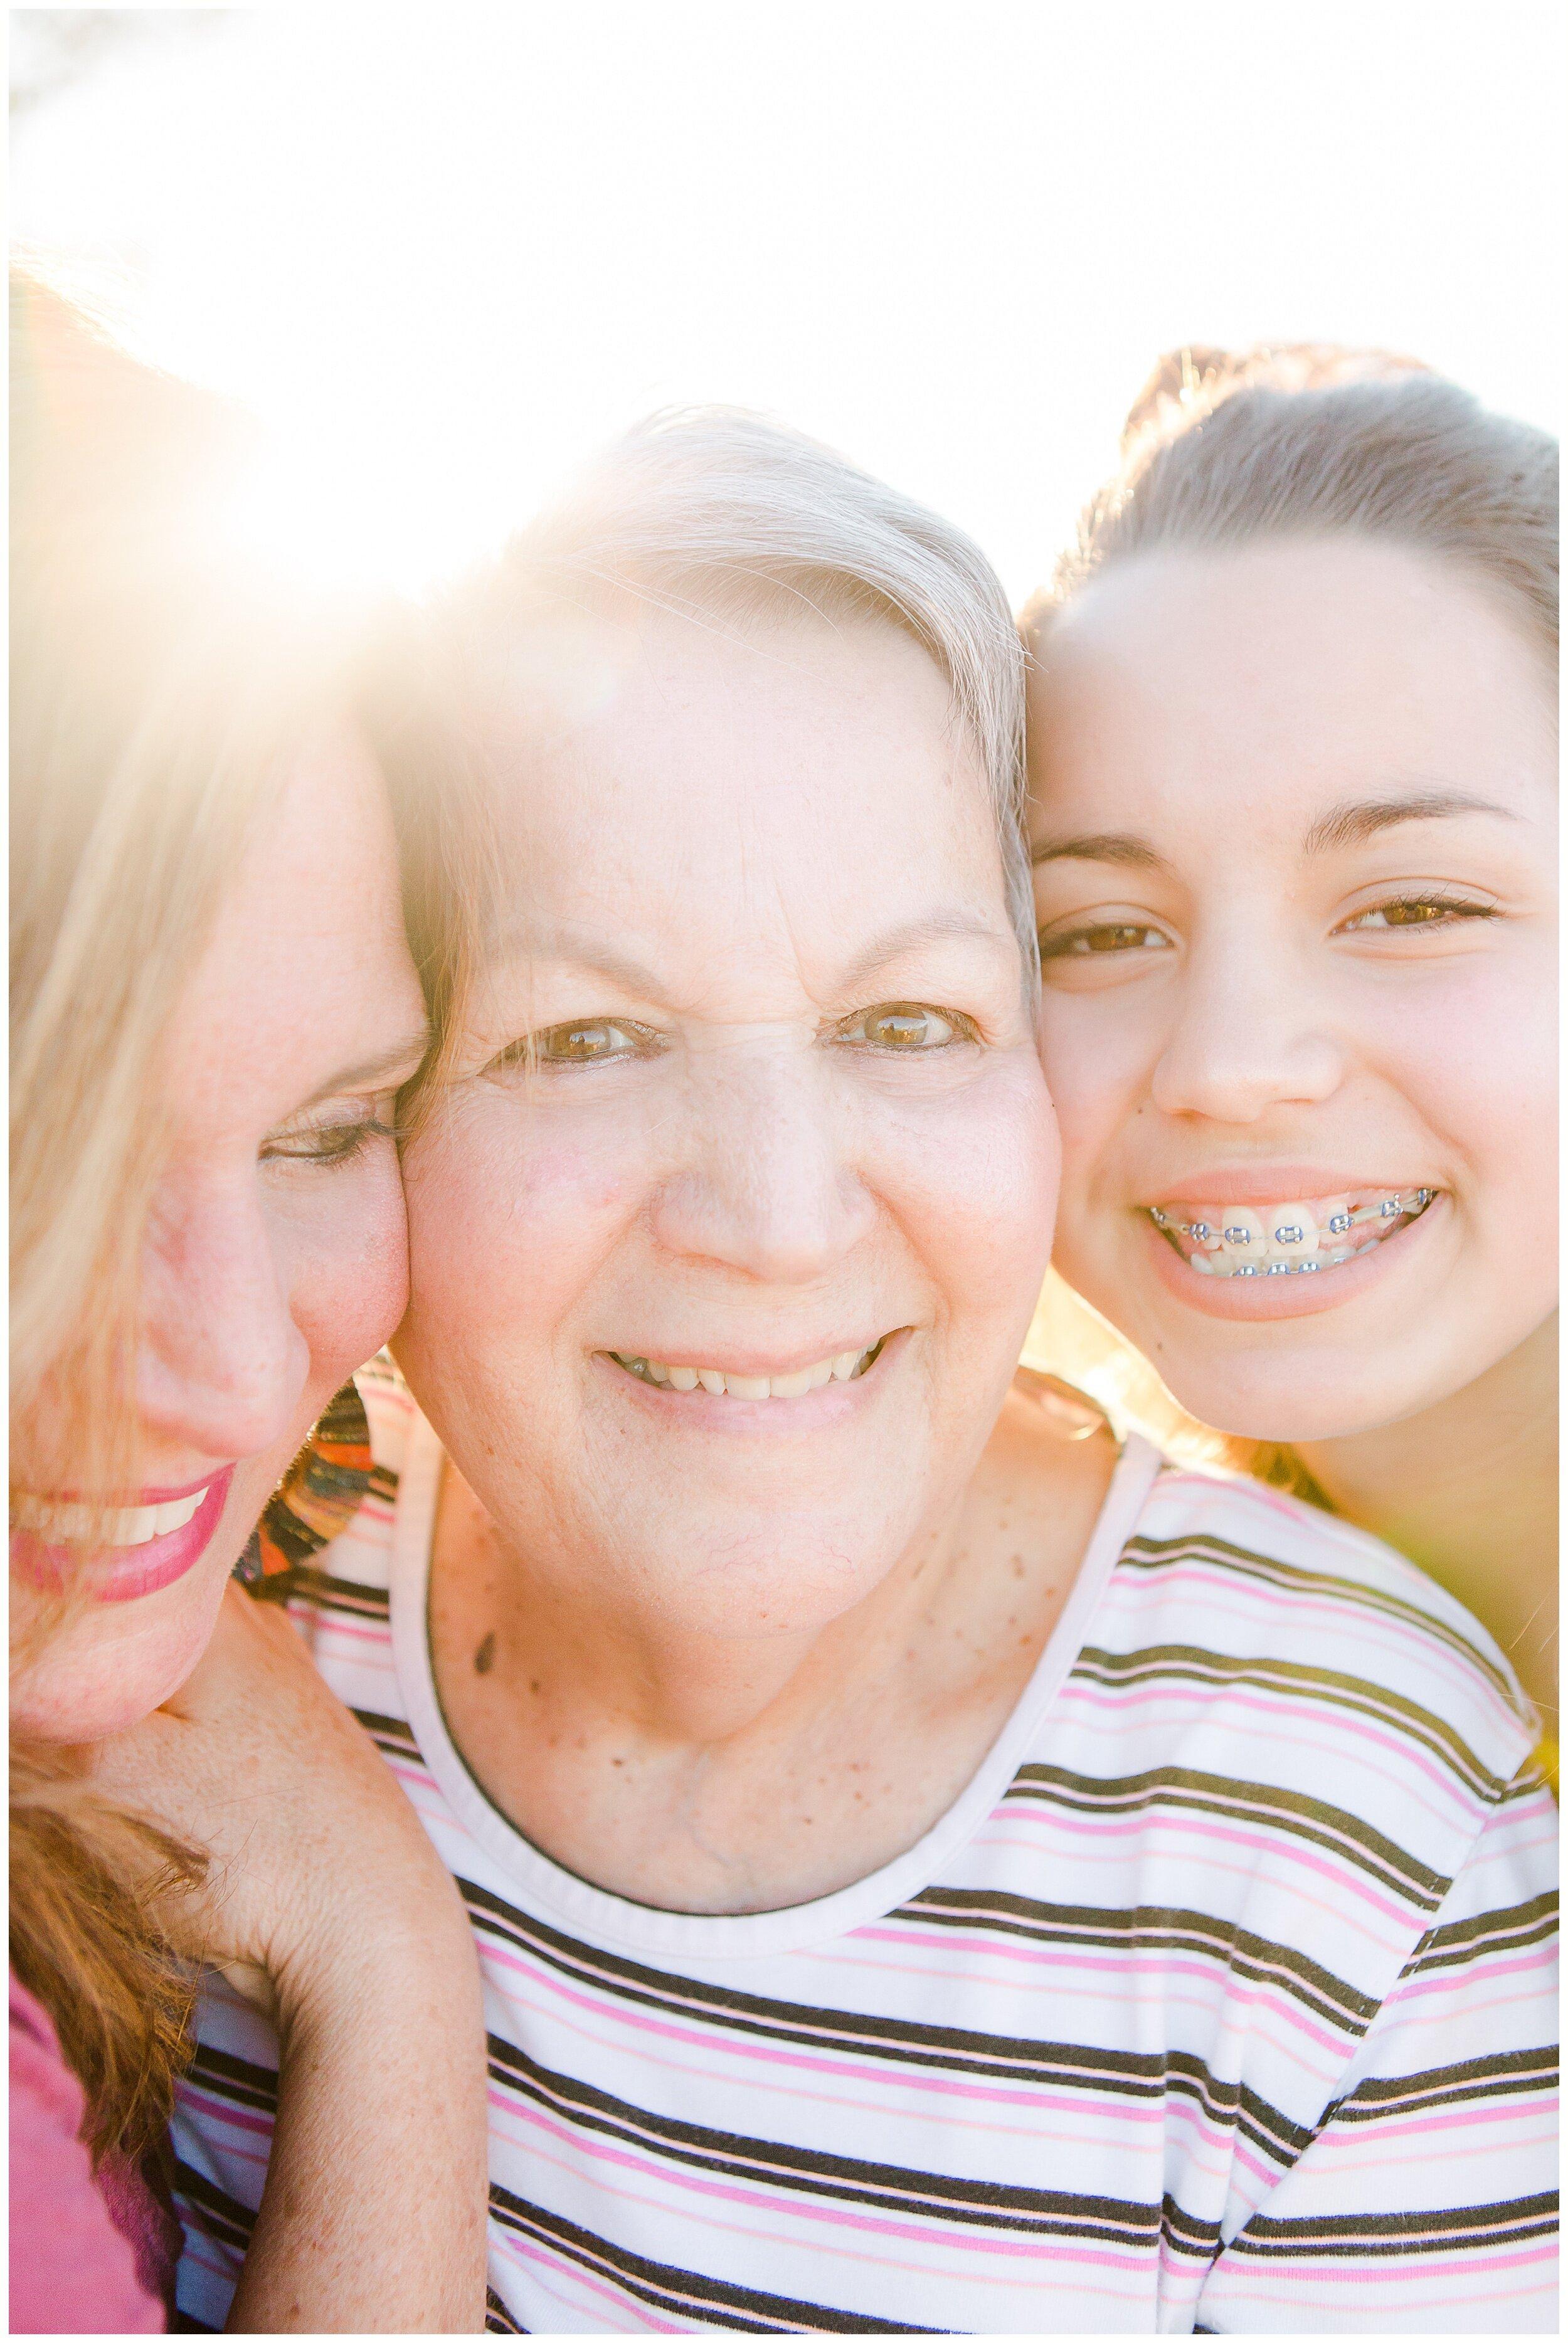 lexington-ky-family-lifestyle-photographer-priscilla-baierlein_1310.jpg